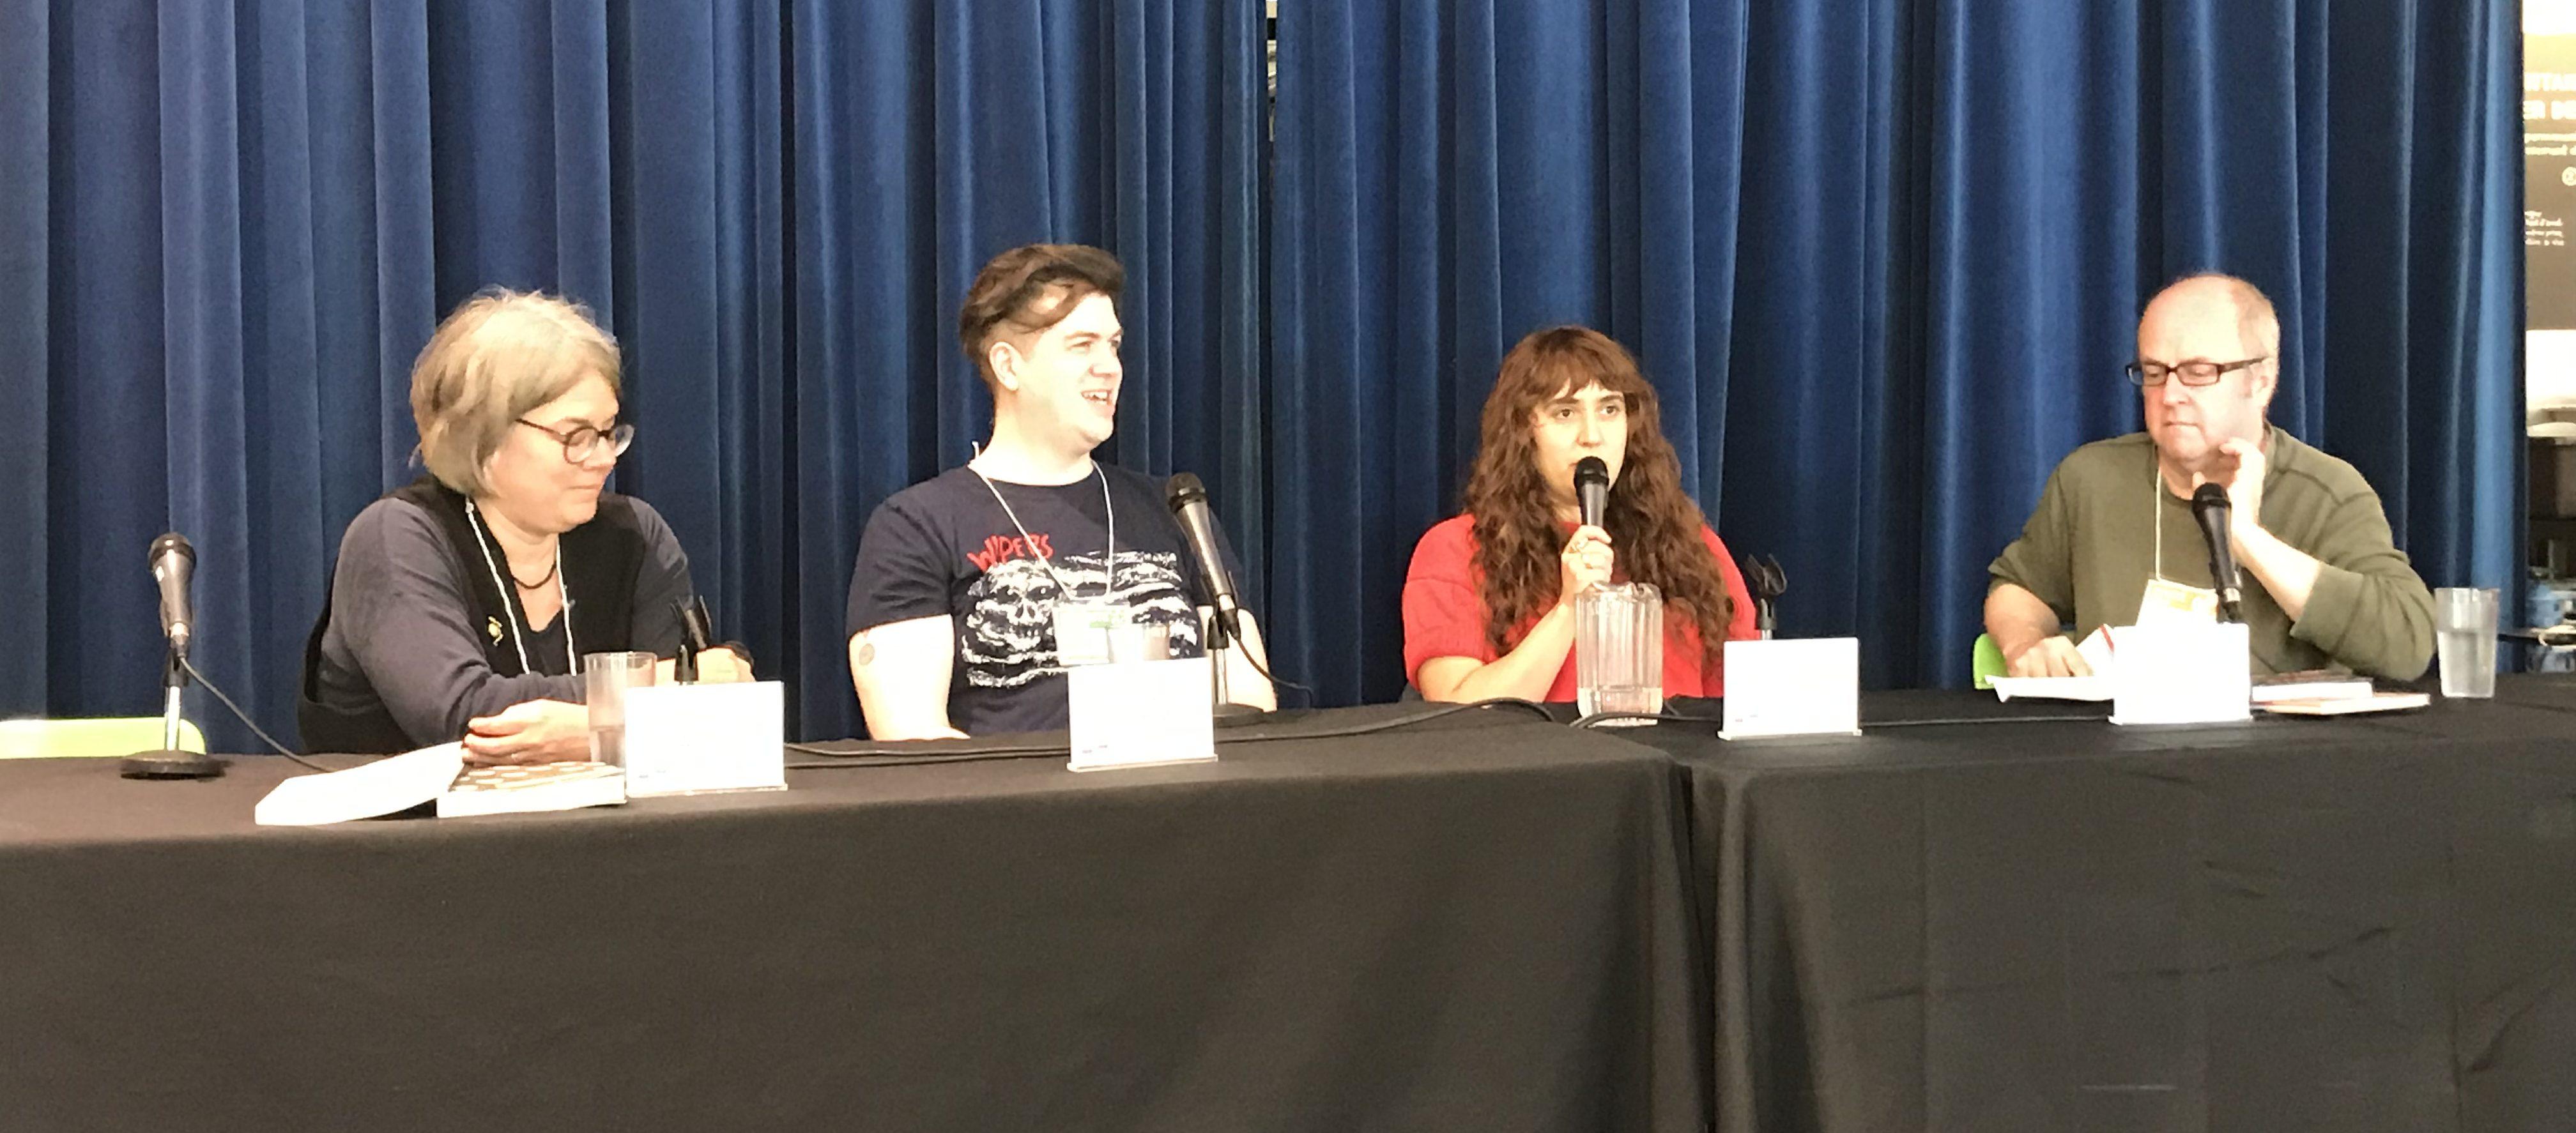 Conférence sur la censure du Festival de BD de Montréal (FBDM)